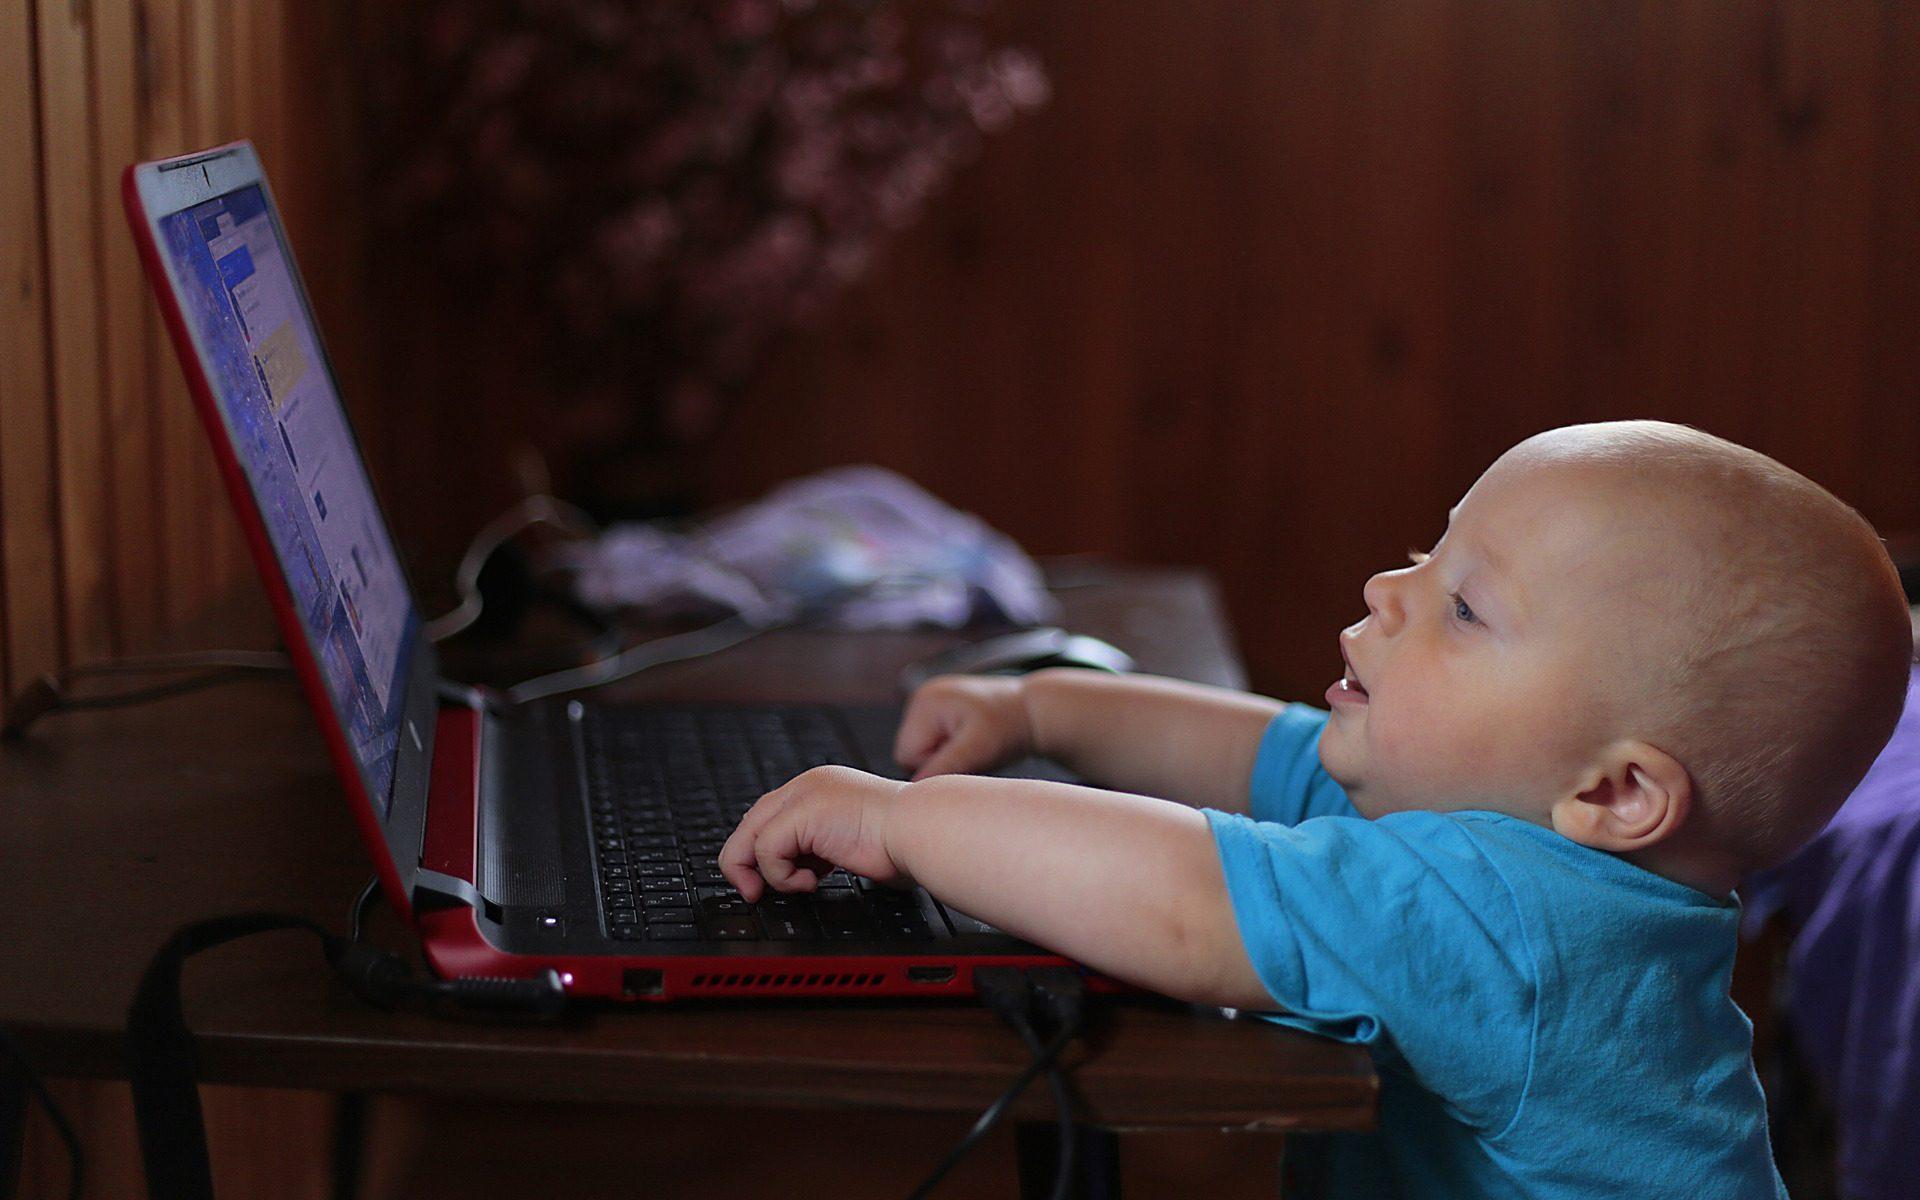 הורים לילדים מדוע חשוב להשקיע באבטחת האינטרנט בבית